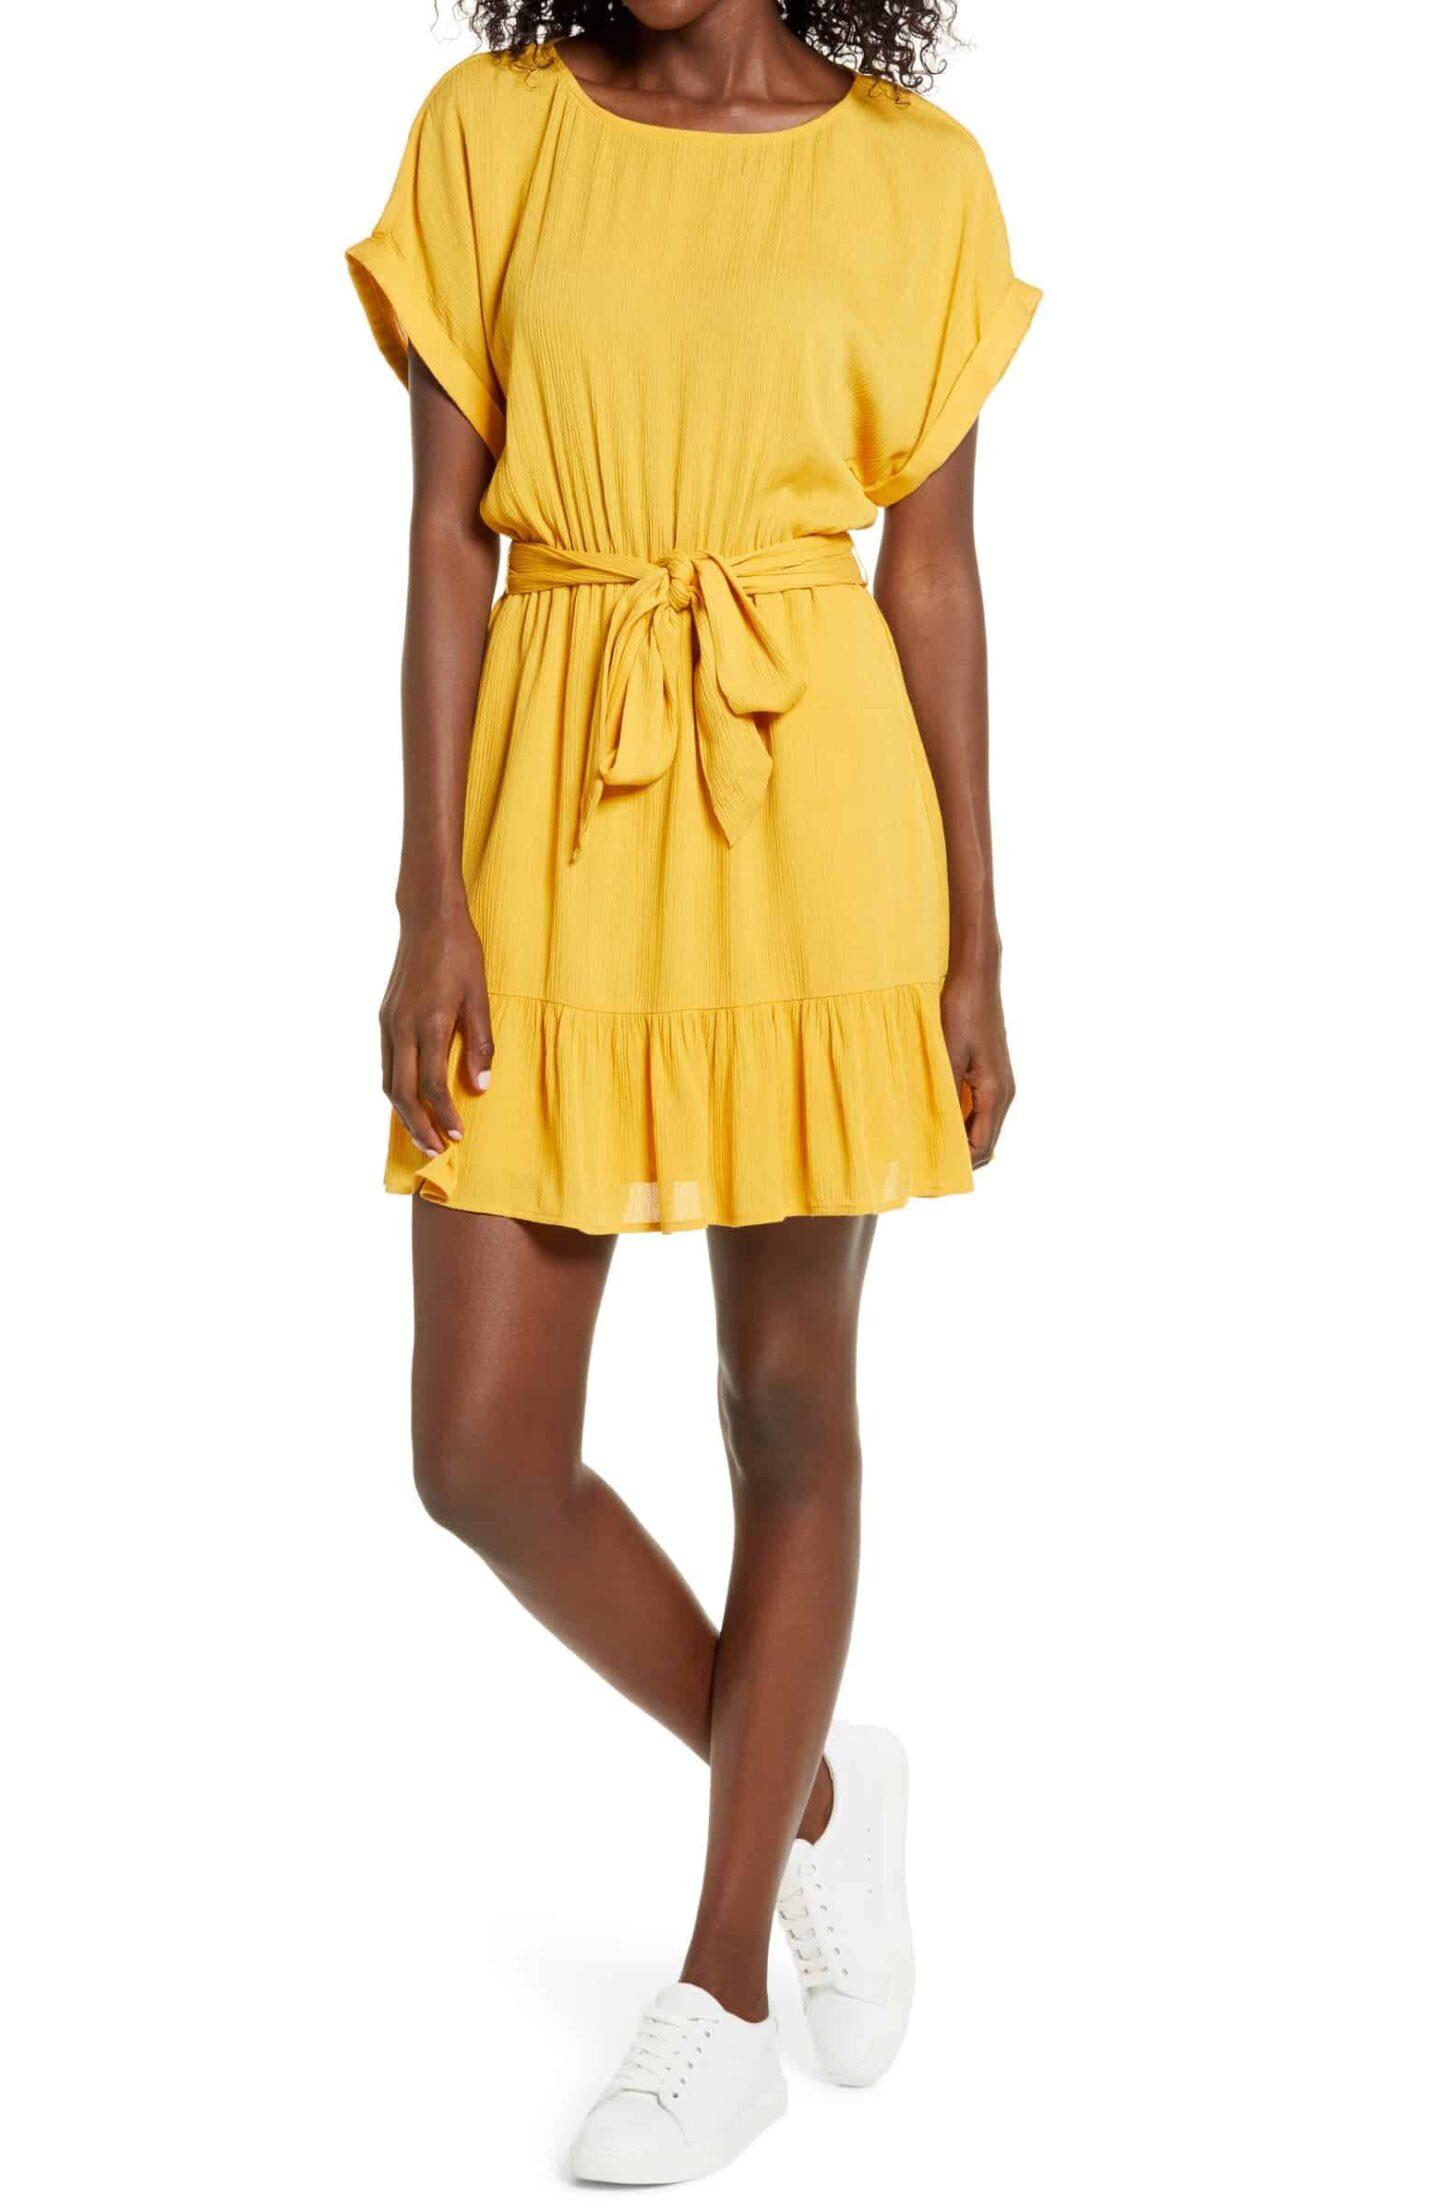 Belted-Short-Sleeve-Dress